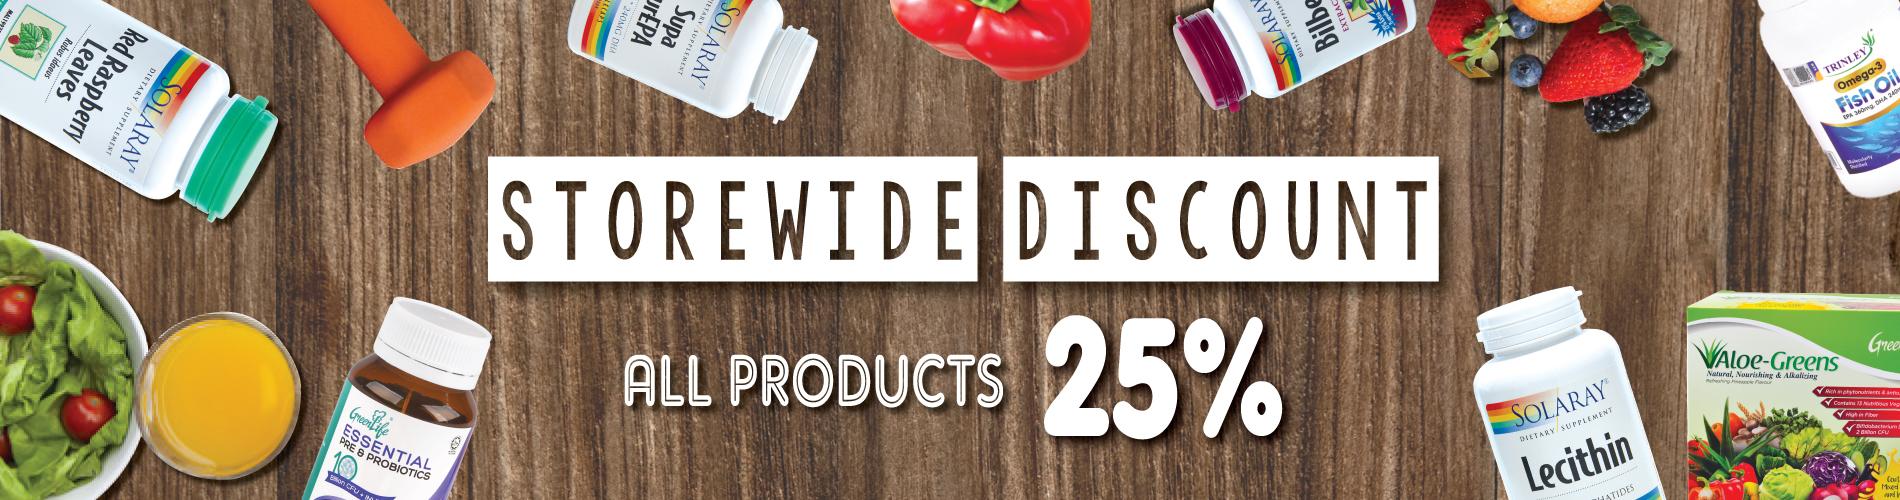 Storewide Discount